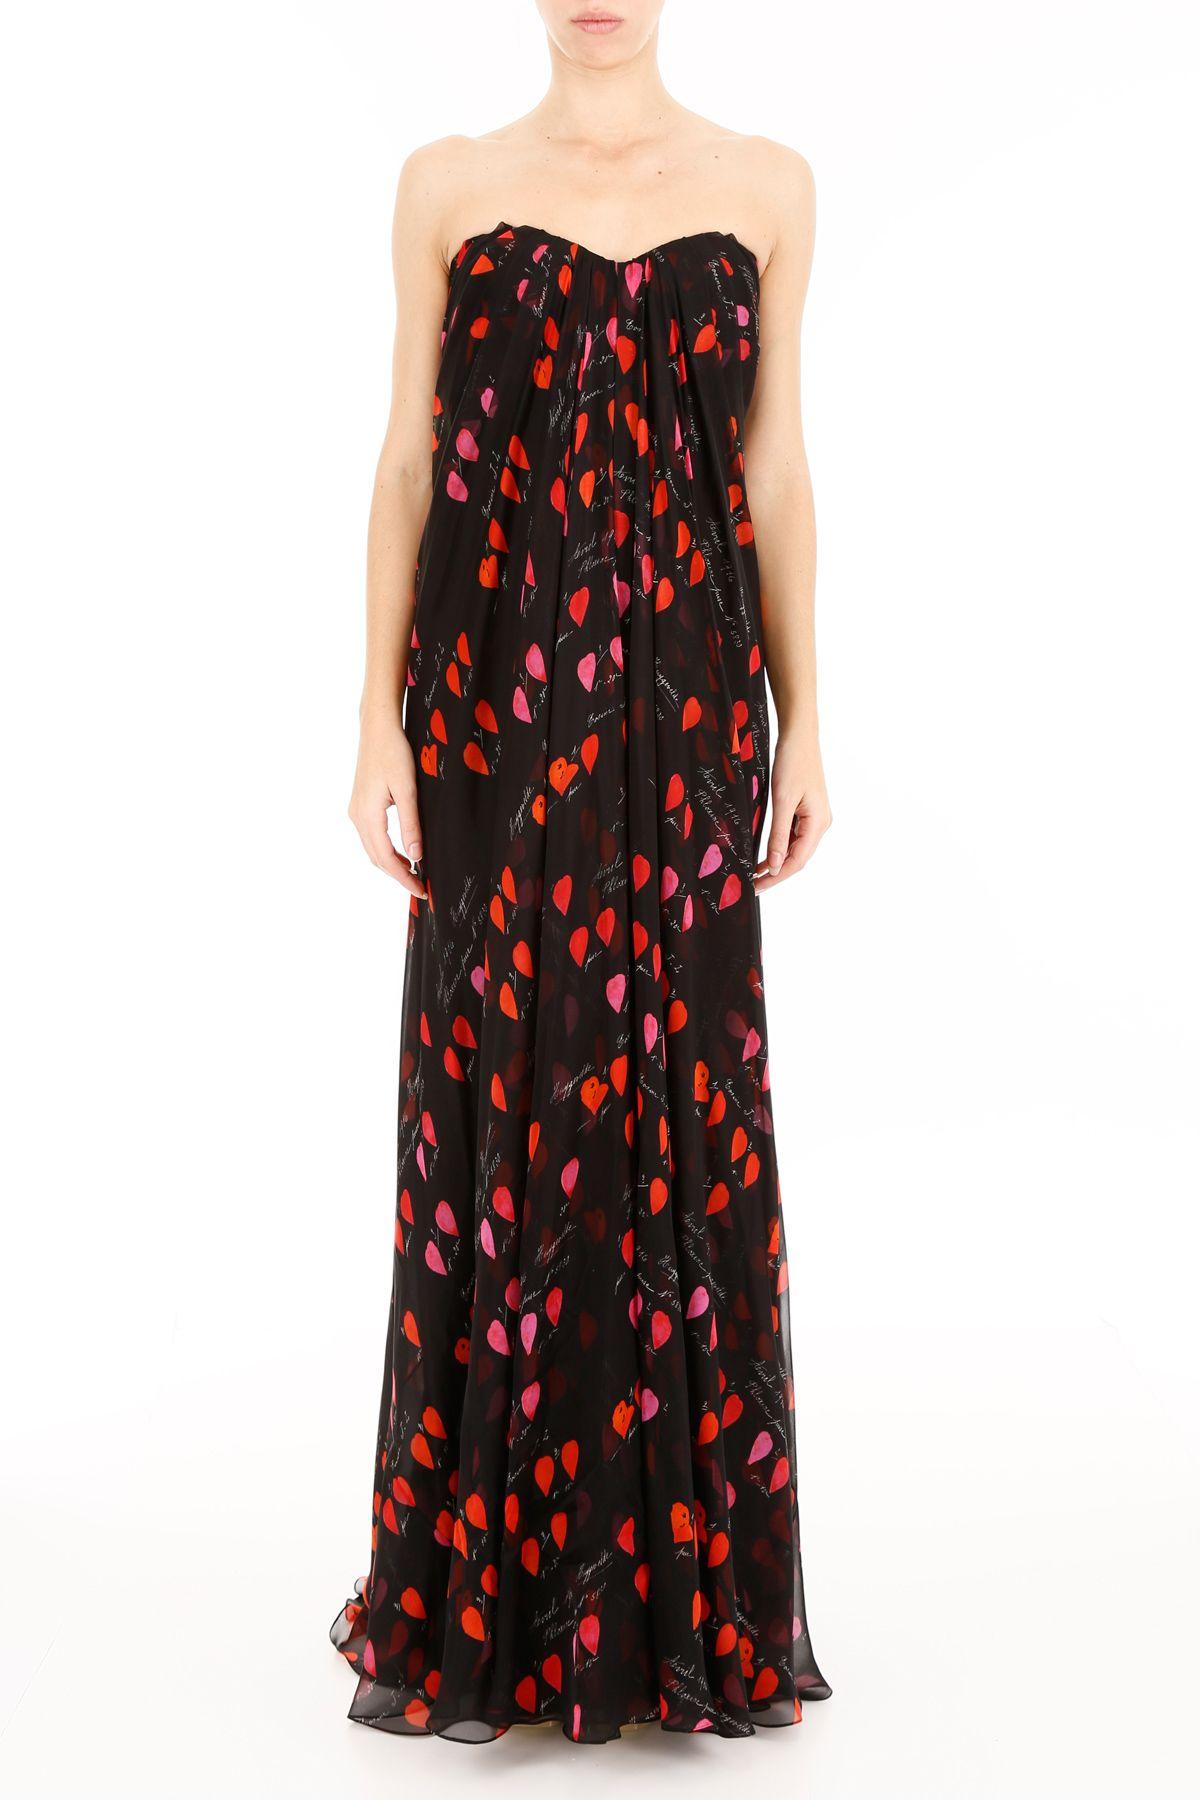 Alexander Mcqueen Silks LONG CHIFFON DRESS WITH PETAL PRINT